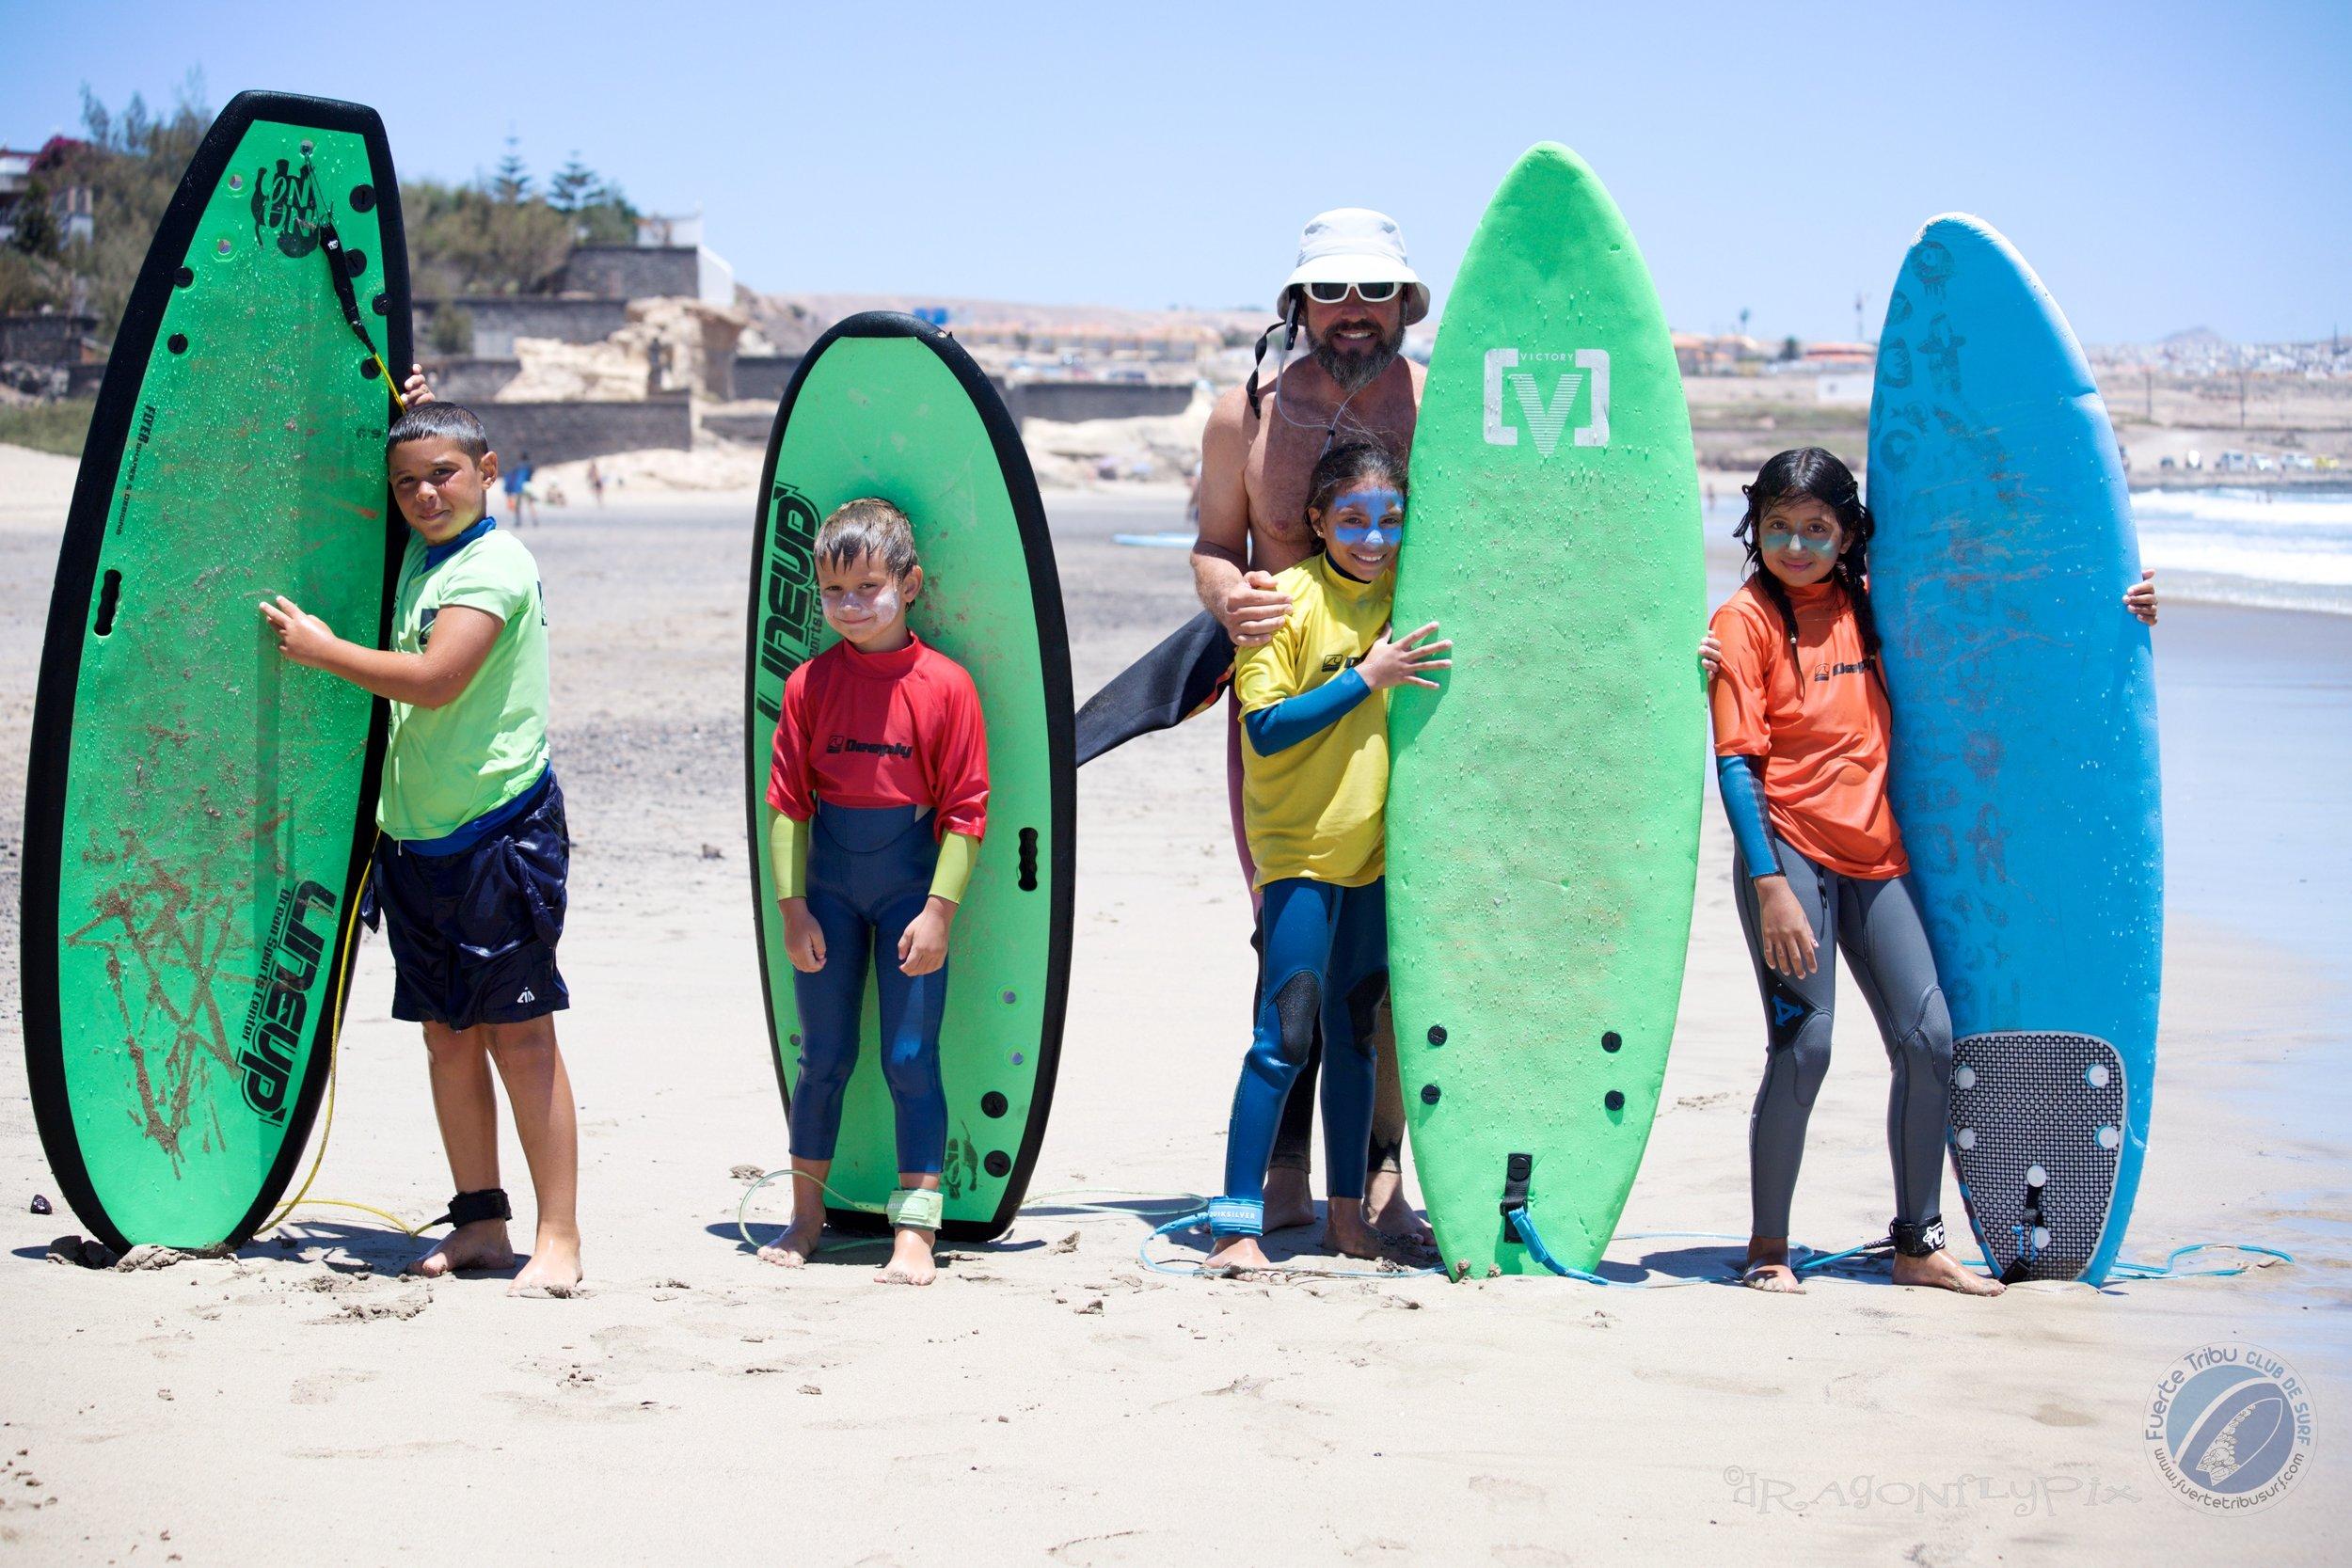 FUERTETRIBU_INTRACLUB_SURF_CAMPEONATO_KIDSIMG_0785.jpg